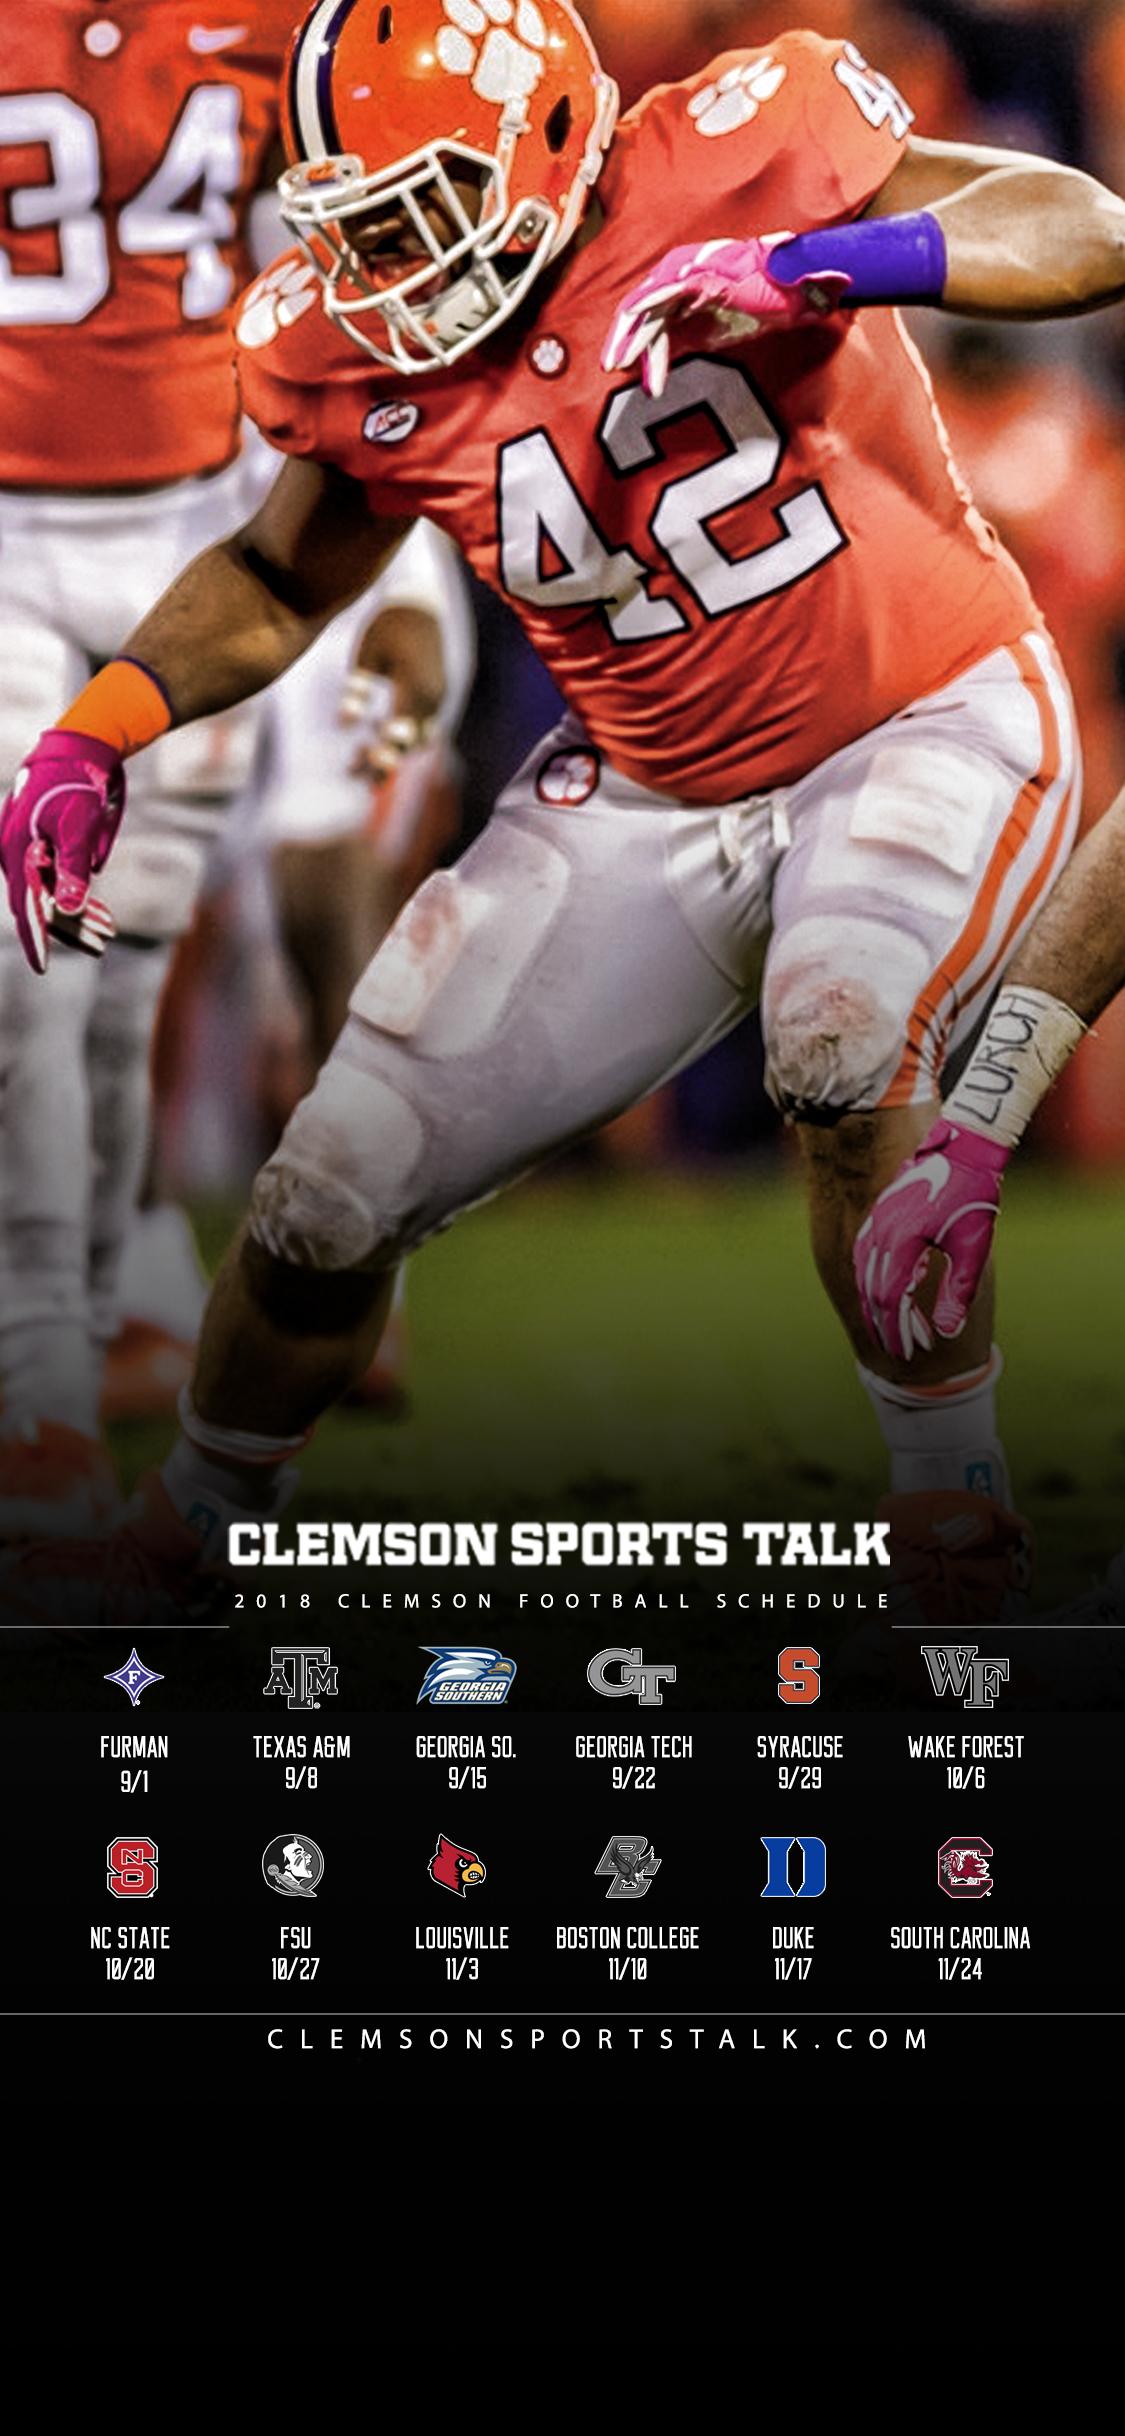 Clemson Tigers Iphone Wallpaper 2018 Clemson Football Wallpapers Clemson Sports Talk